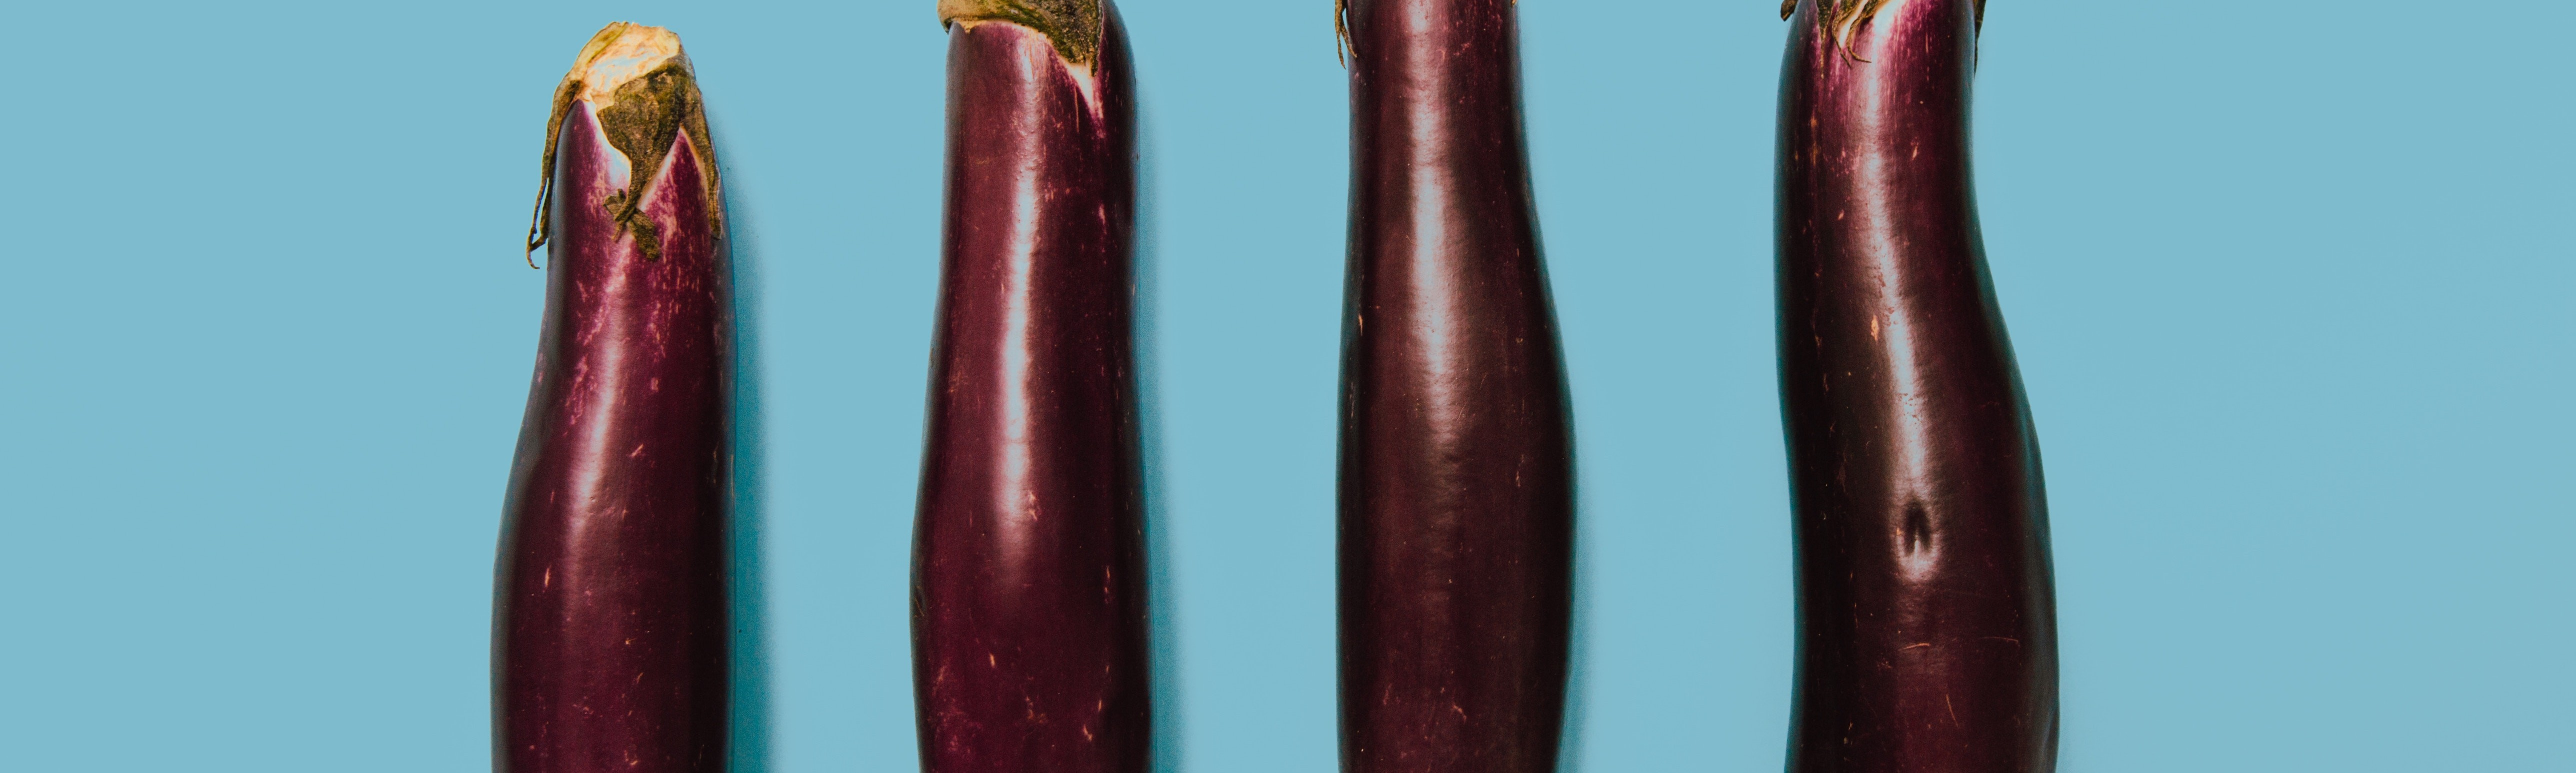 un bărbat are o erecție ce să facă strângerea penisului